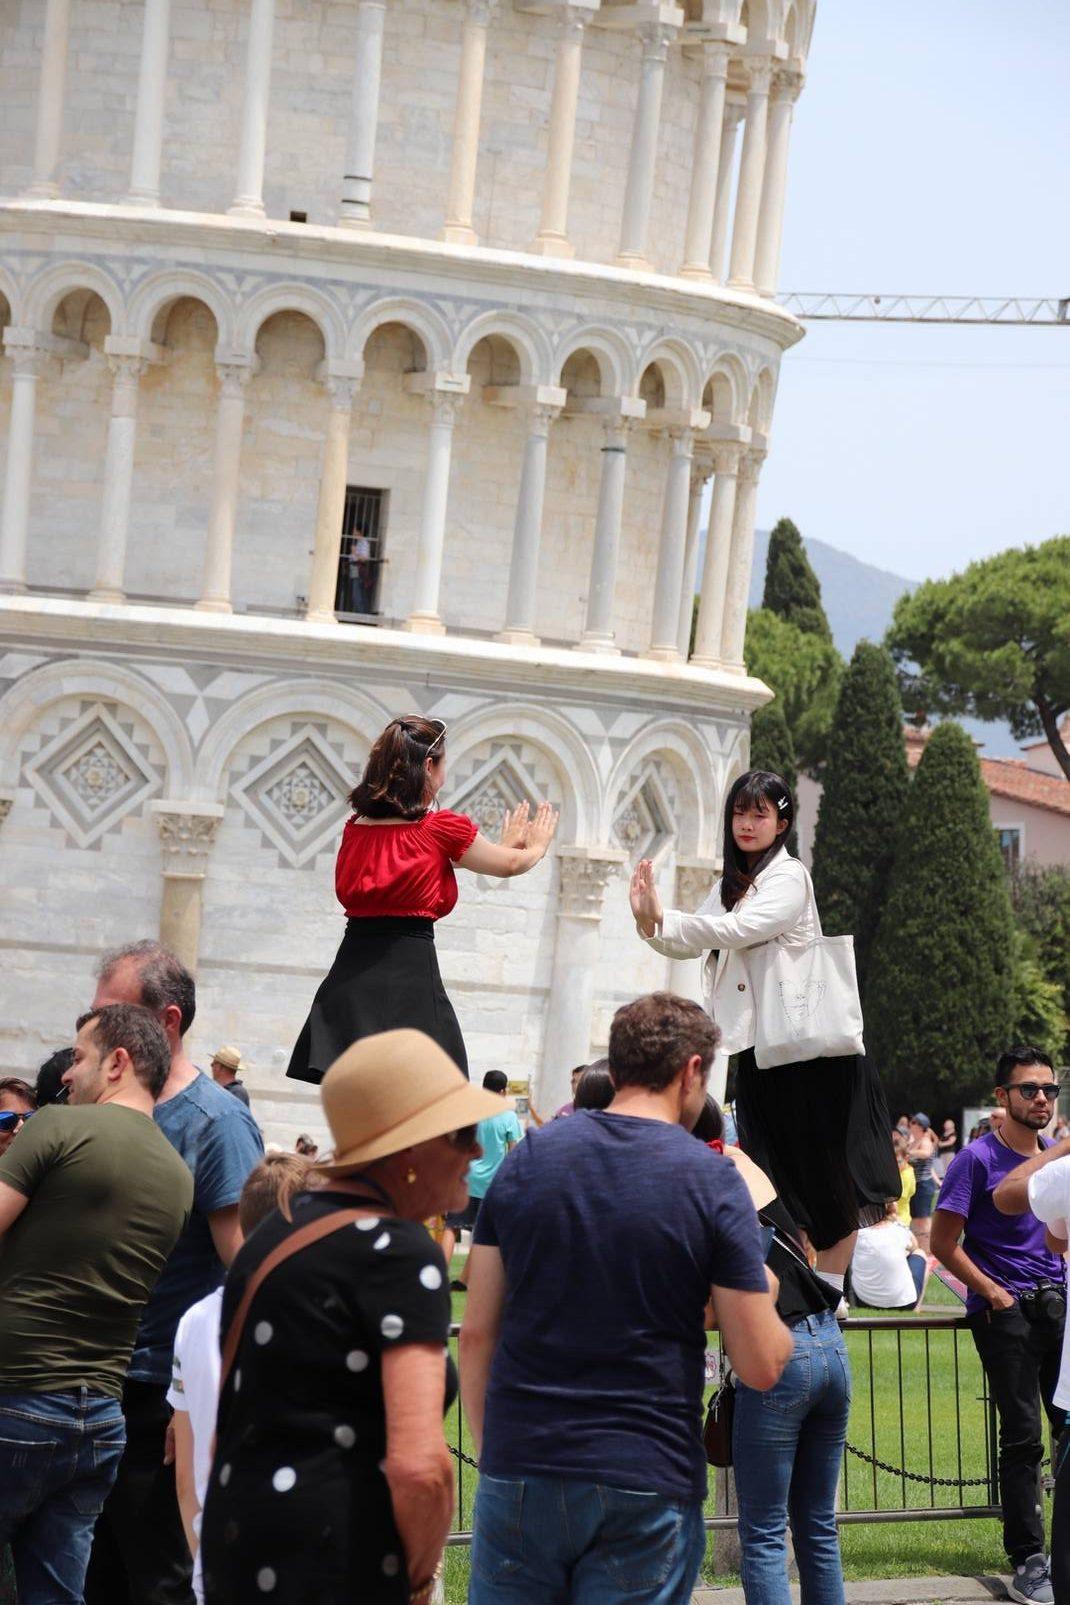 Italie - Touristes se prenant en photo devant la tour de Pise